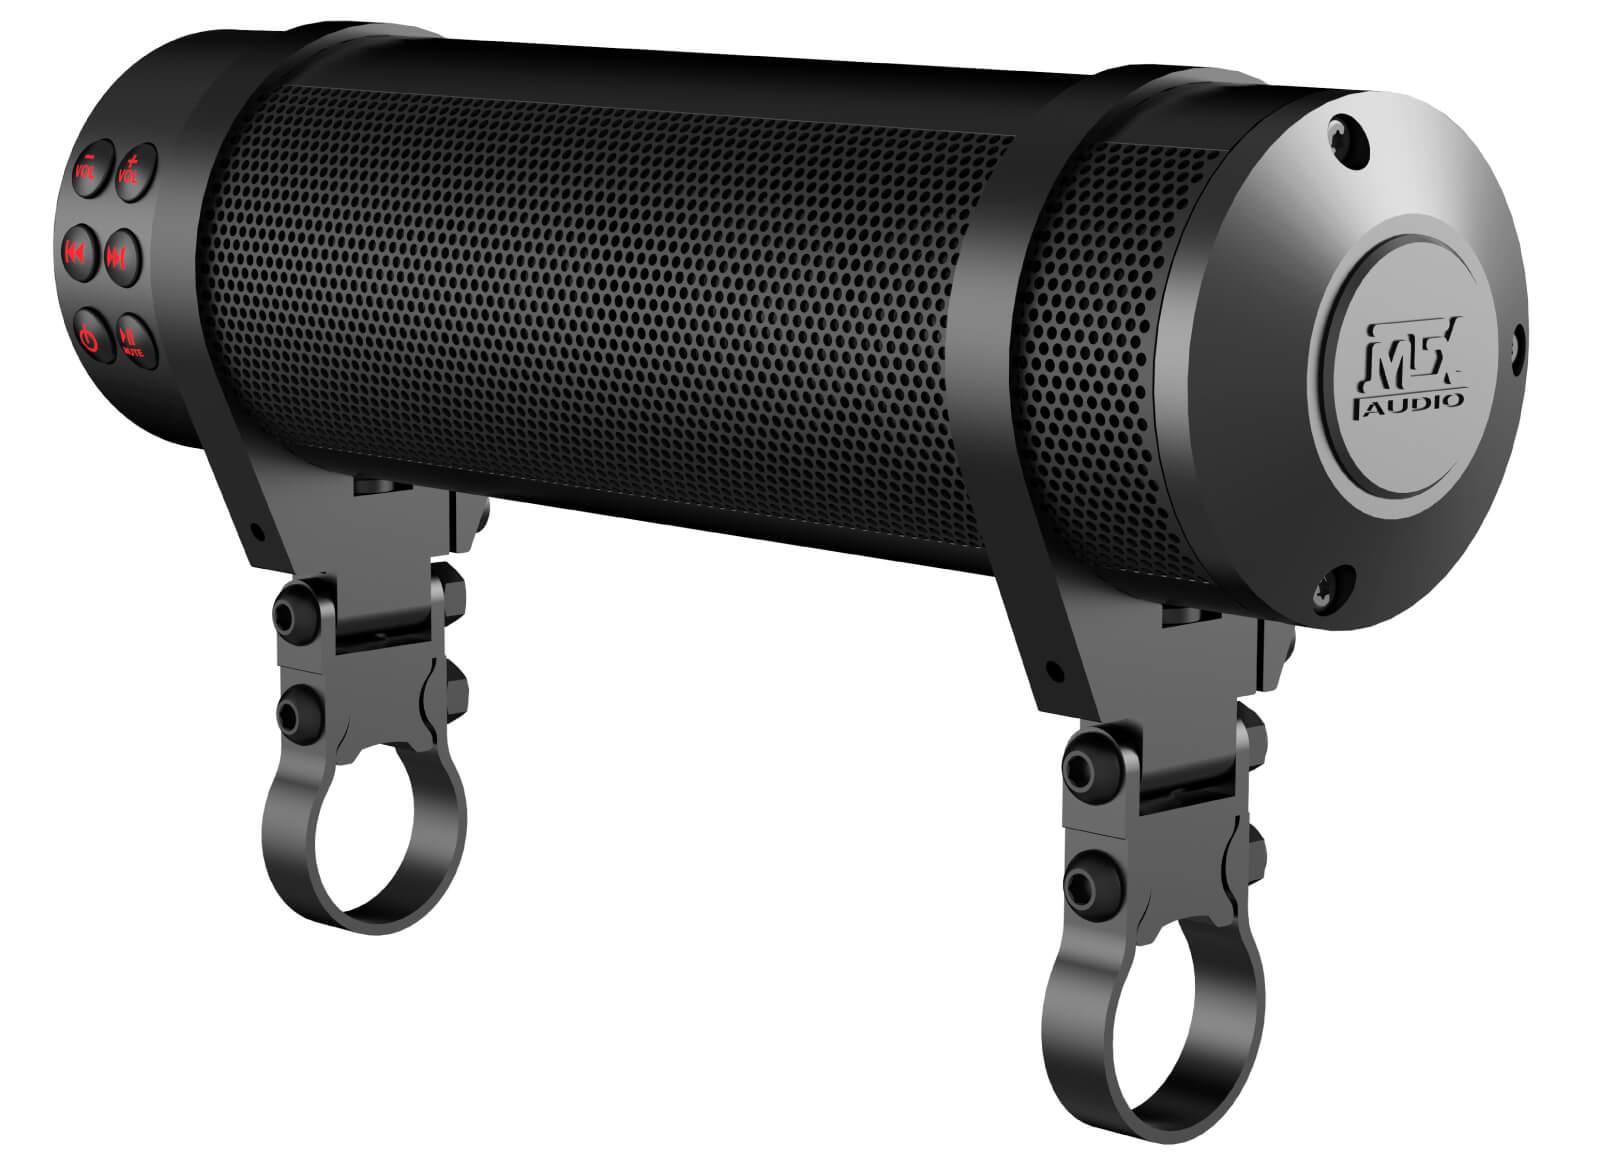 MTX MUDHSB-B Universal 6 Speaker Handlebar Speaker